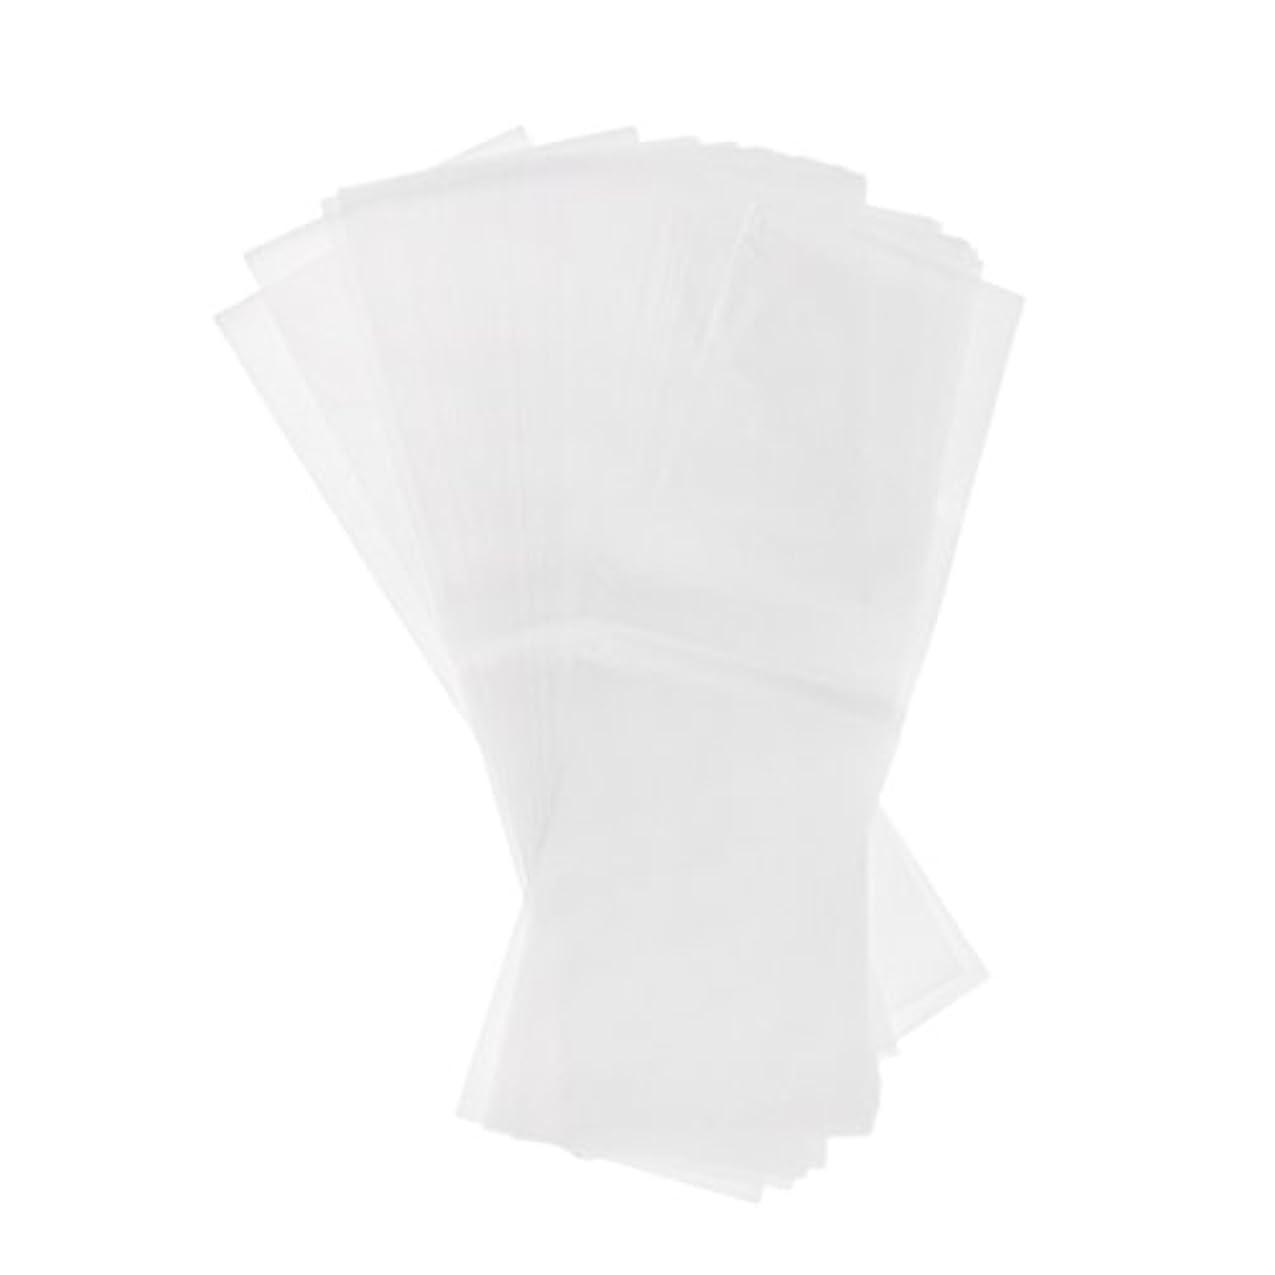 嫌がらせ孤独なフィードバックB Baosity 約100個 ヘアカラー ハイライトシート プラスチック製 白い 約35x11.8cm